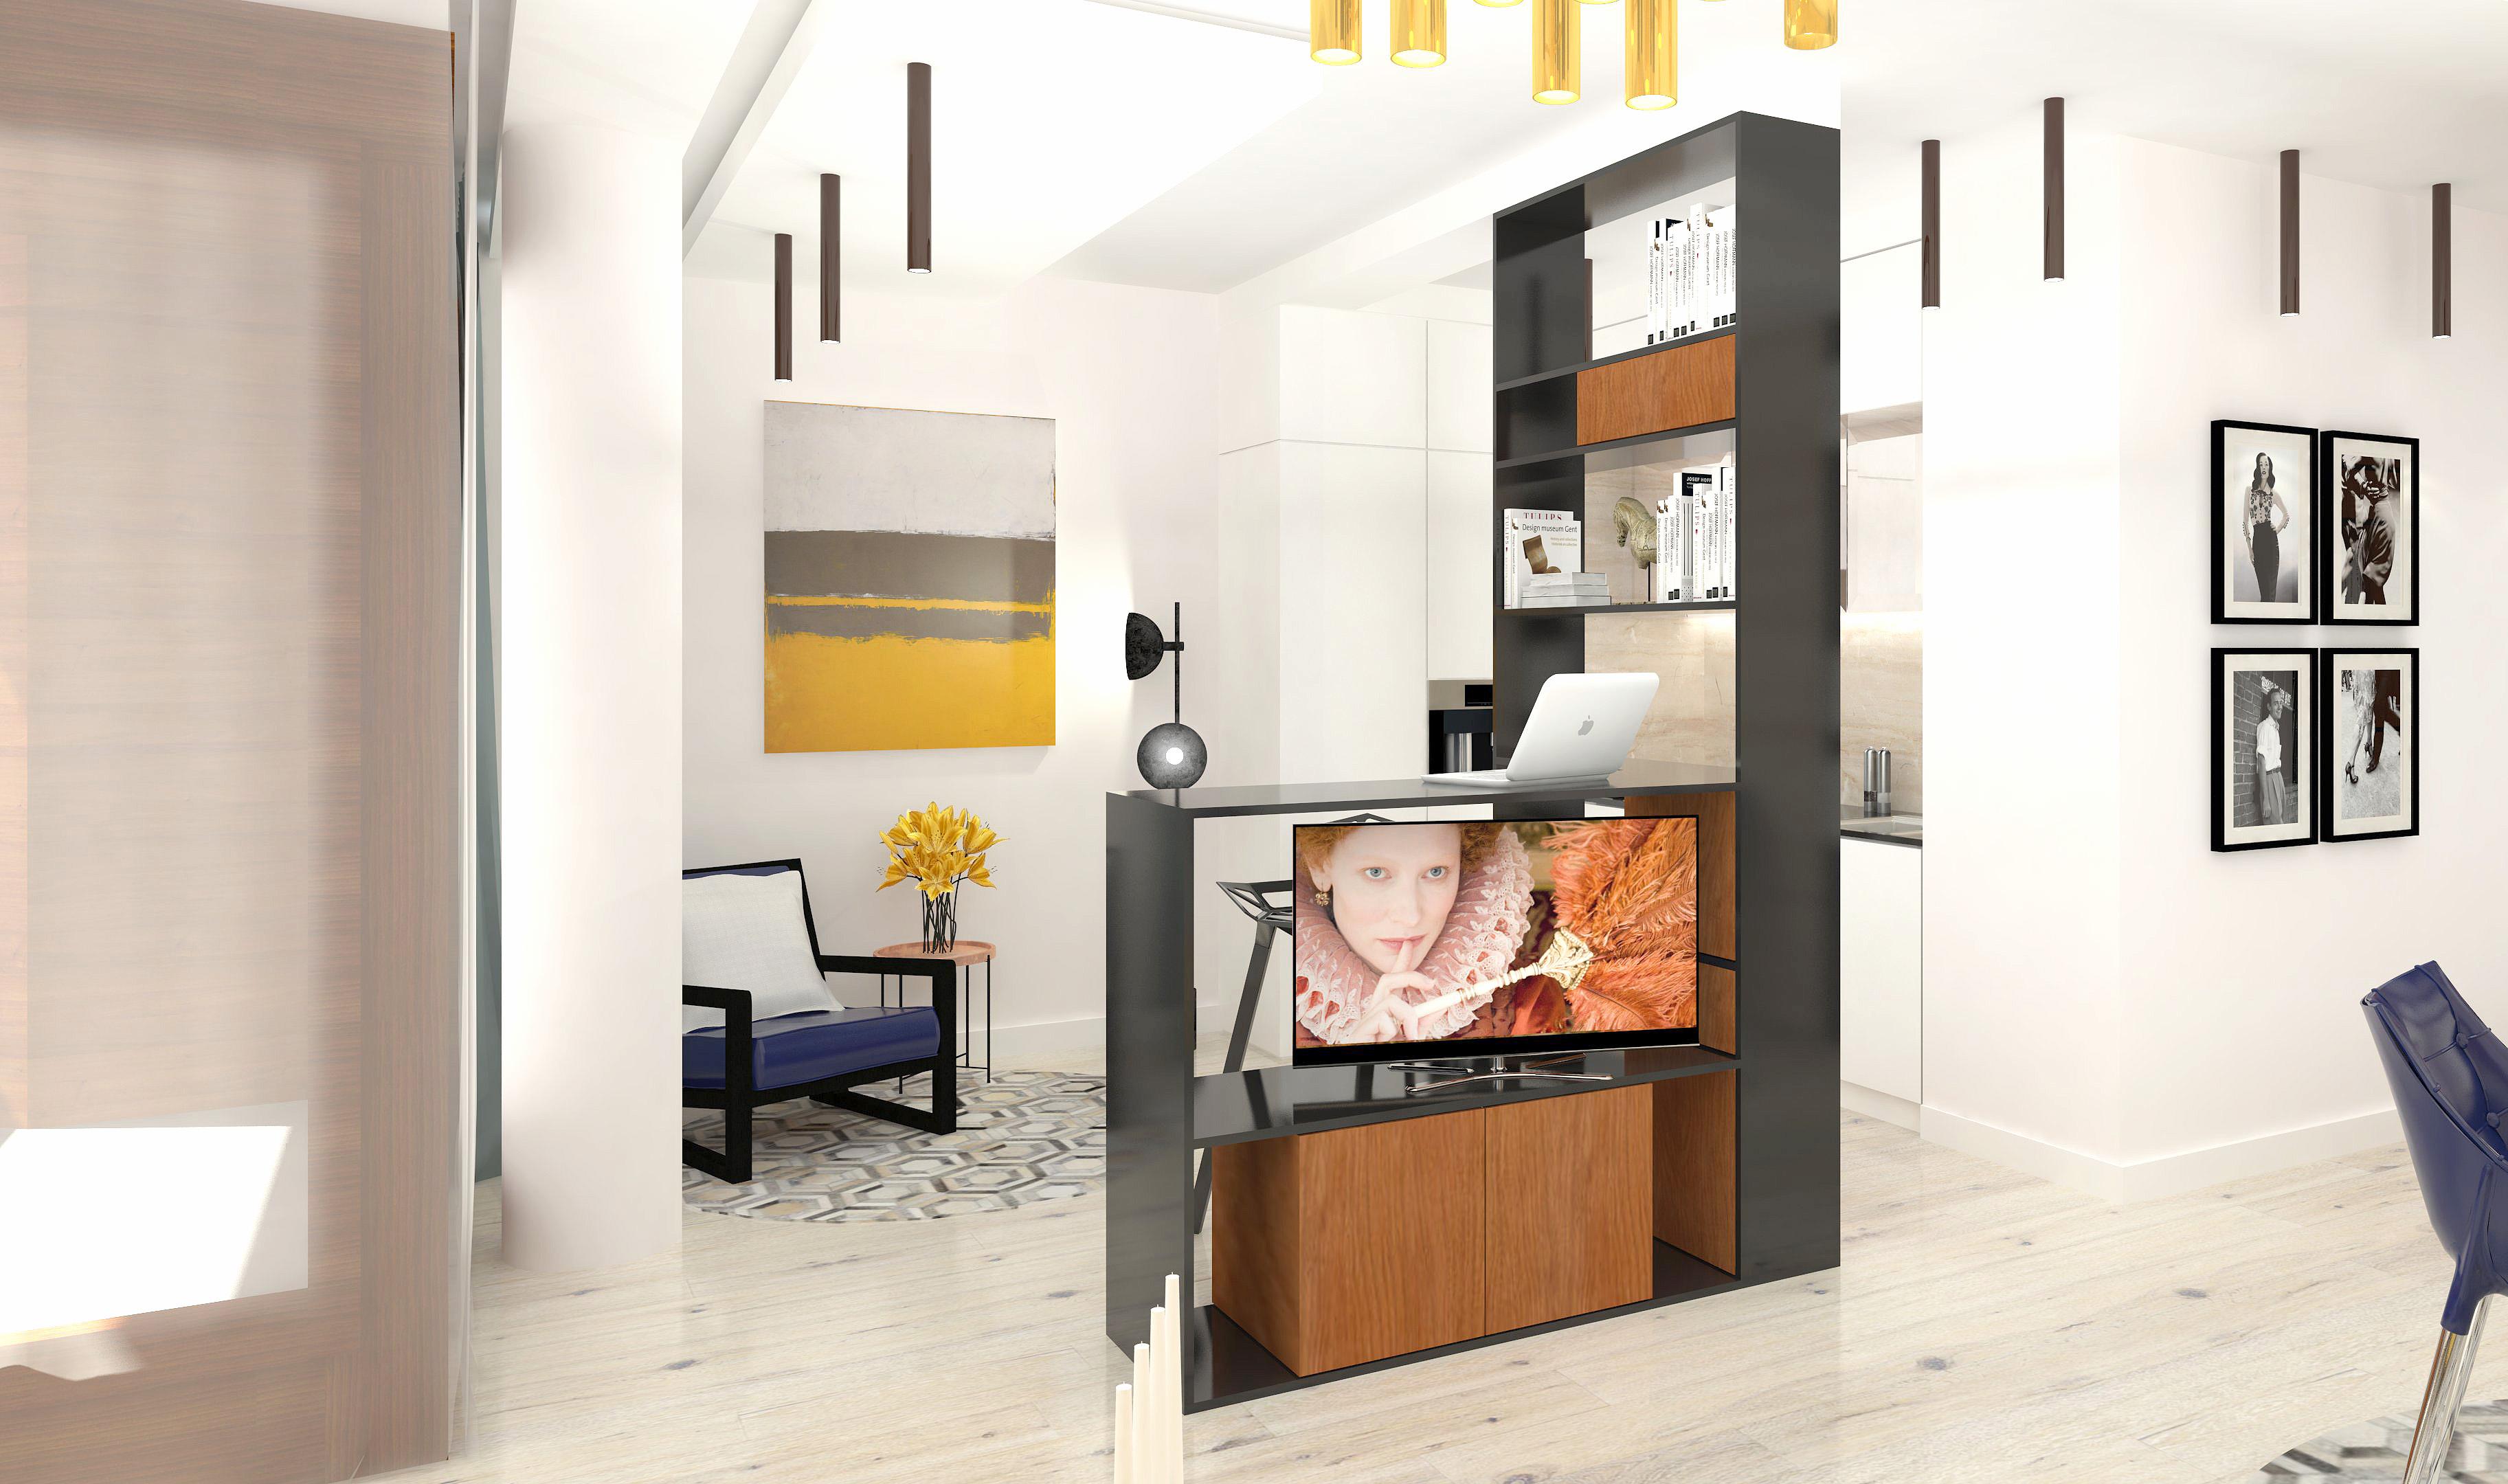 projektowanie wnętrz luksusowych, salon miodowy, architekt karolina radoń, grupa napollo,